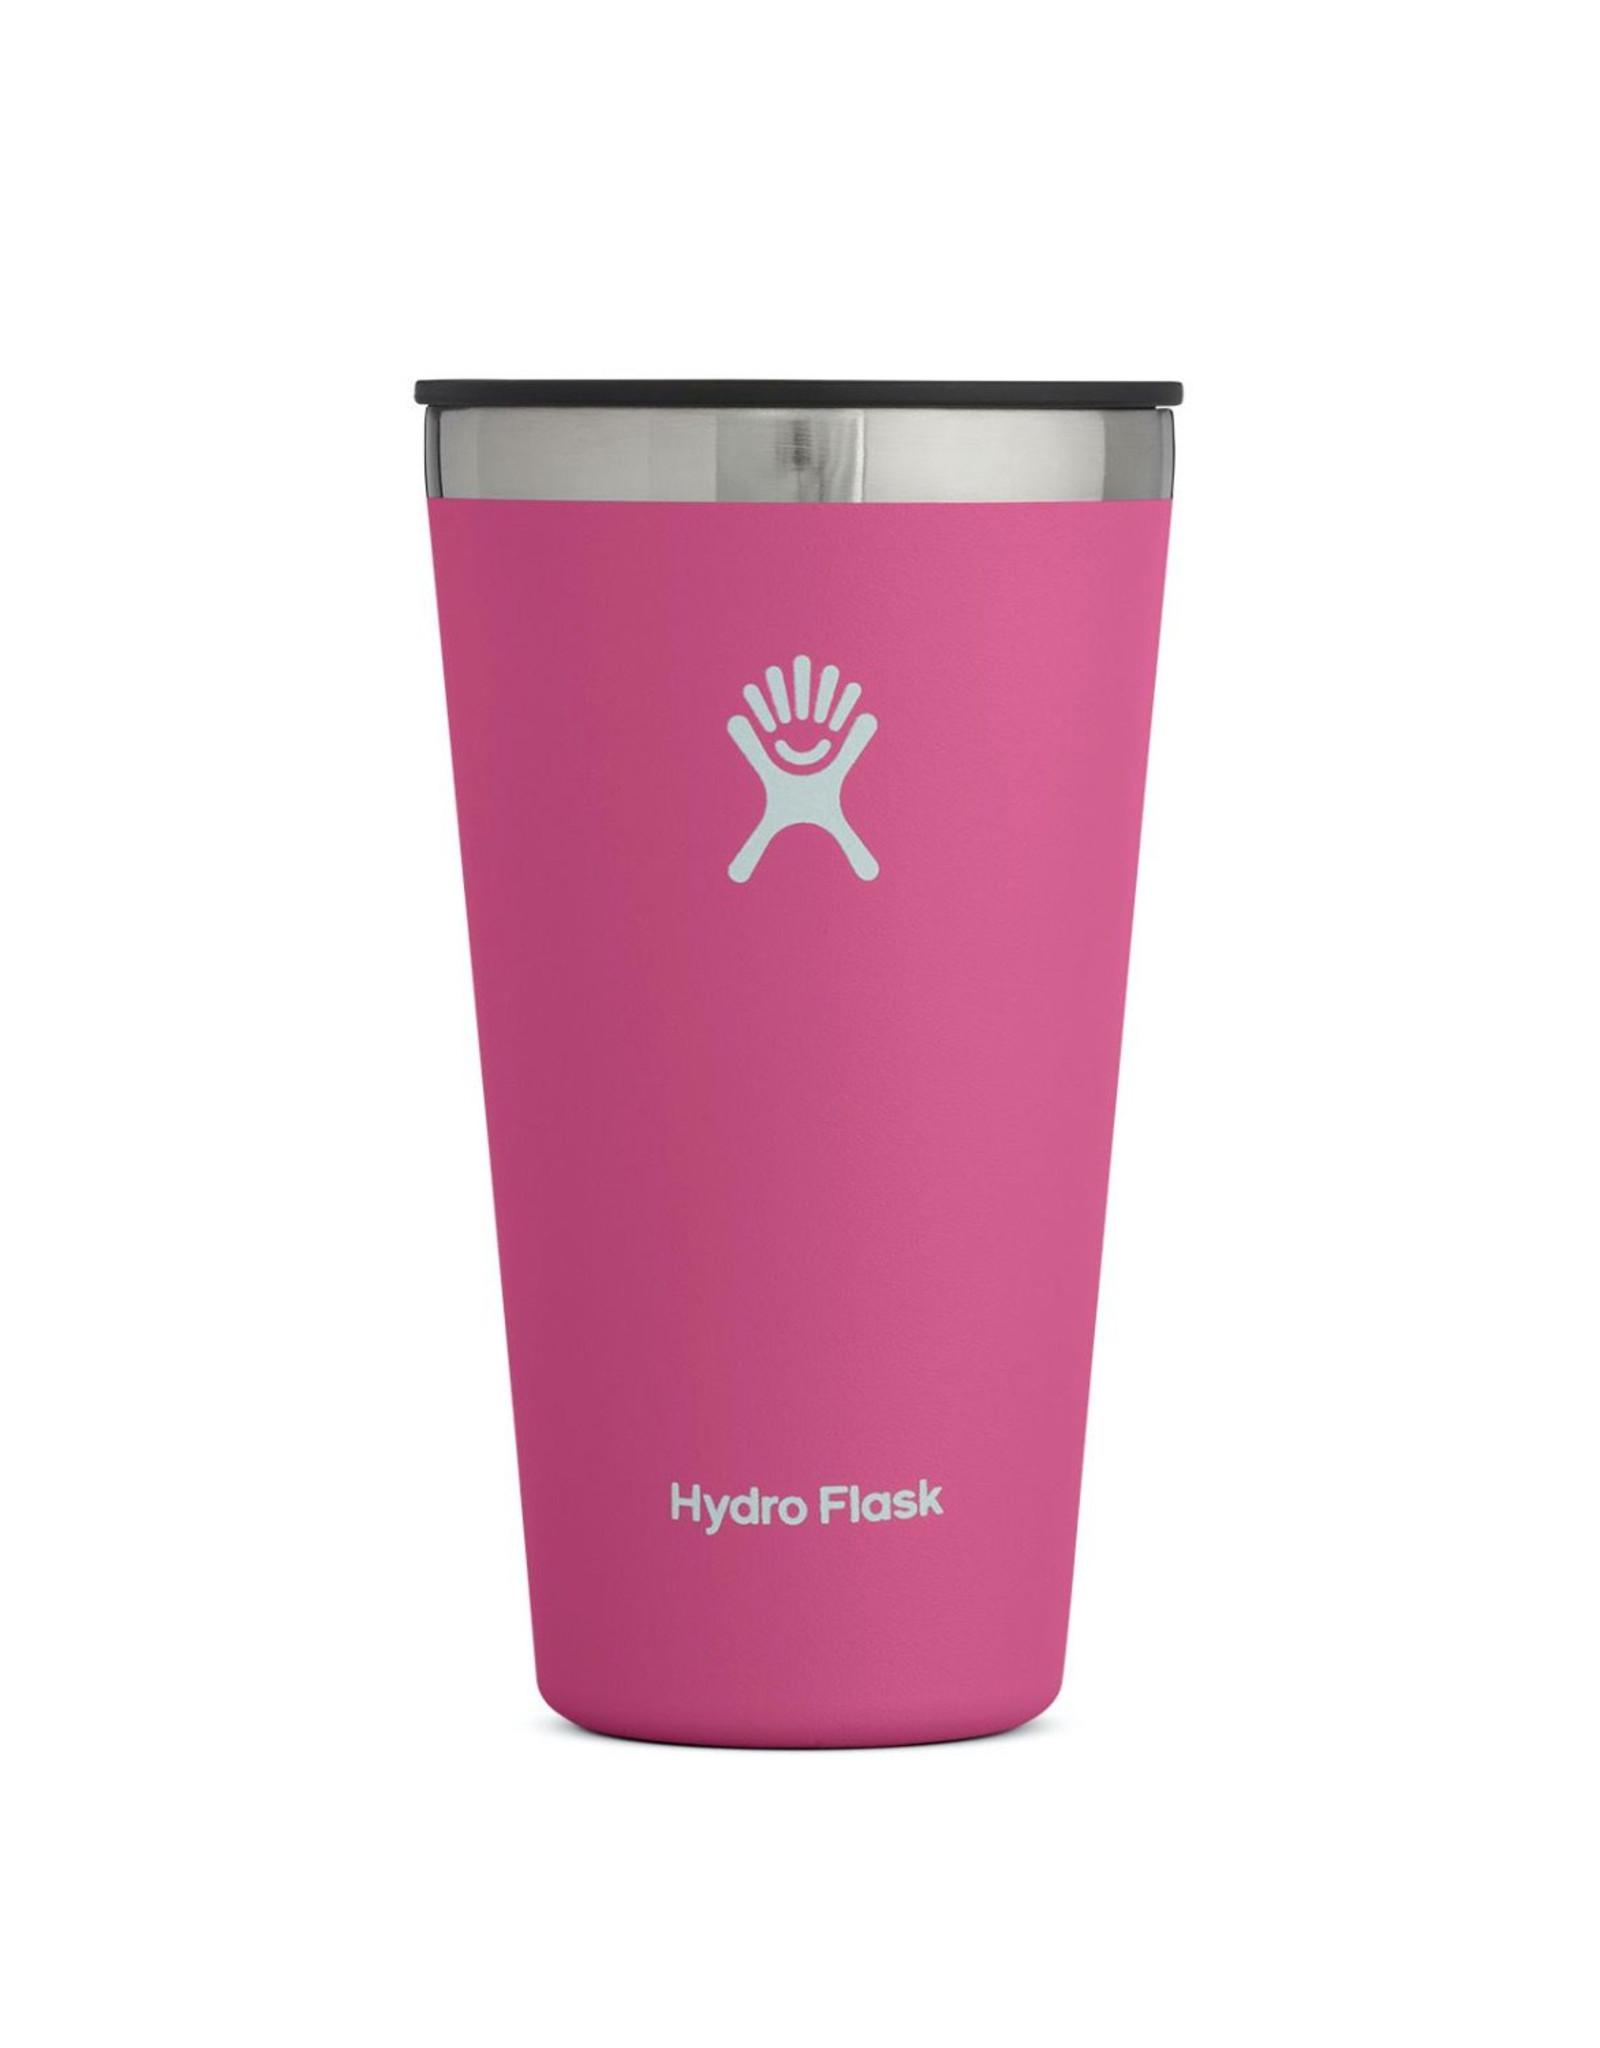 Hydro flask 16 OZ Tumbler Cup Hydro Flask